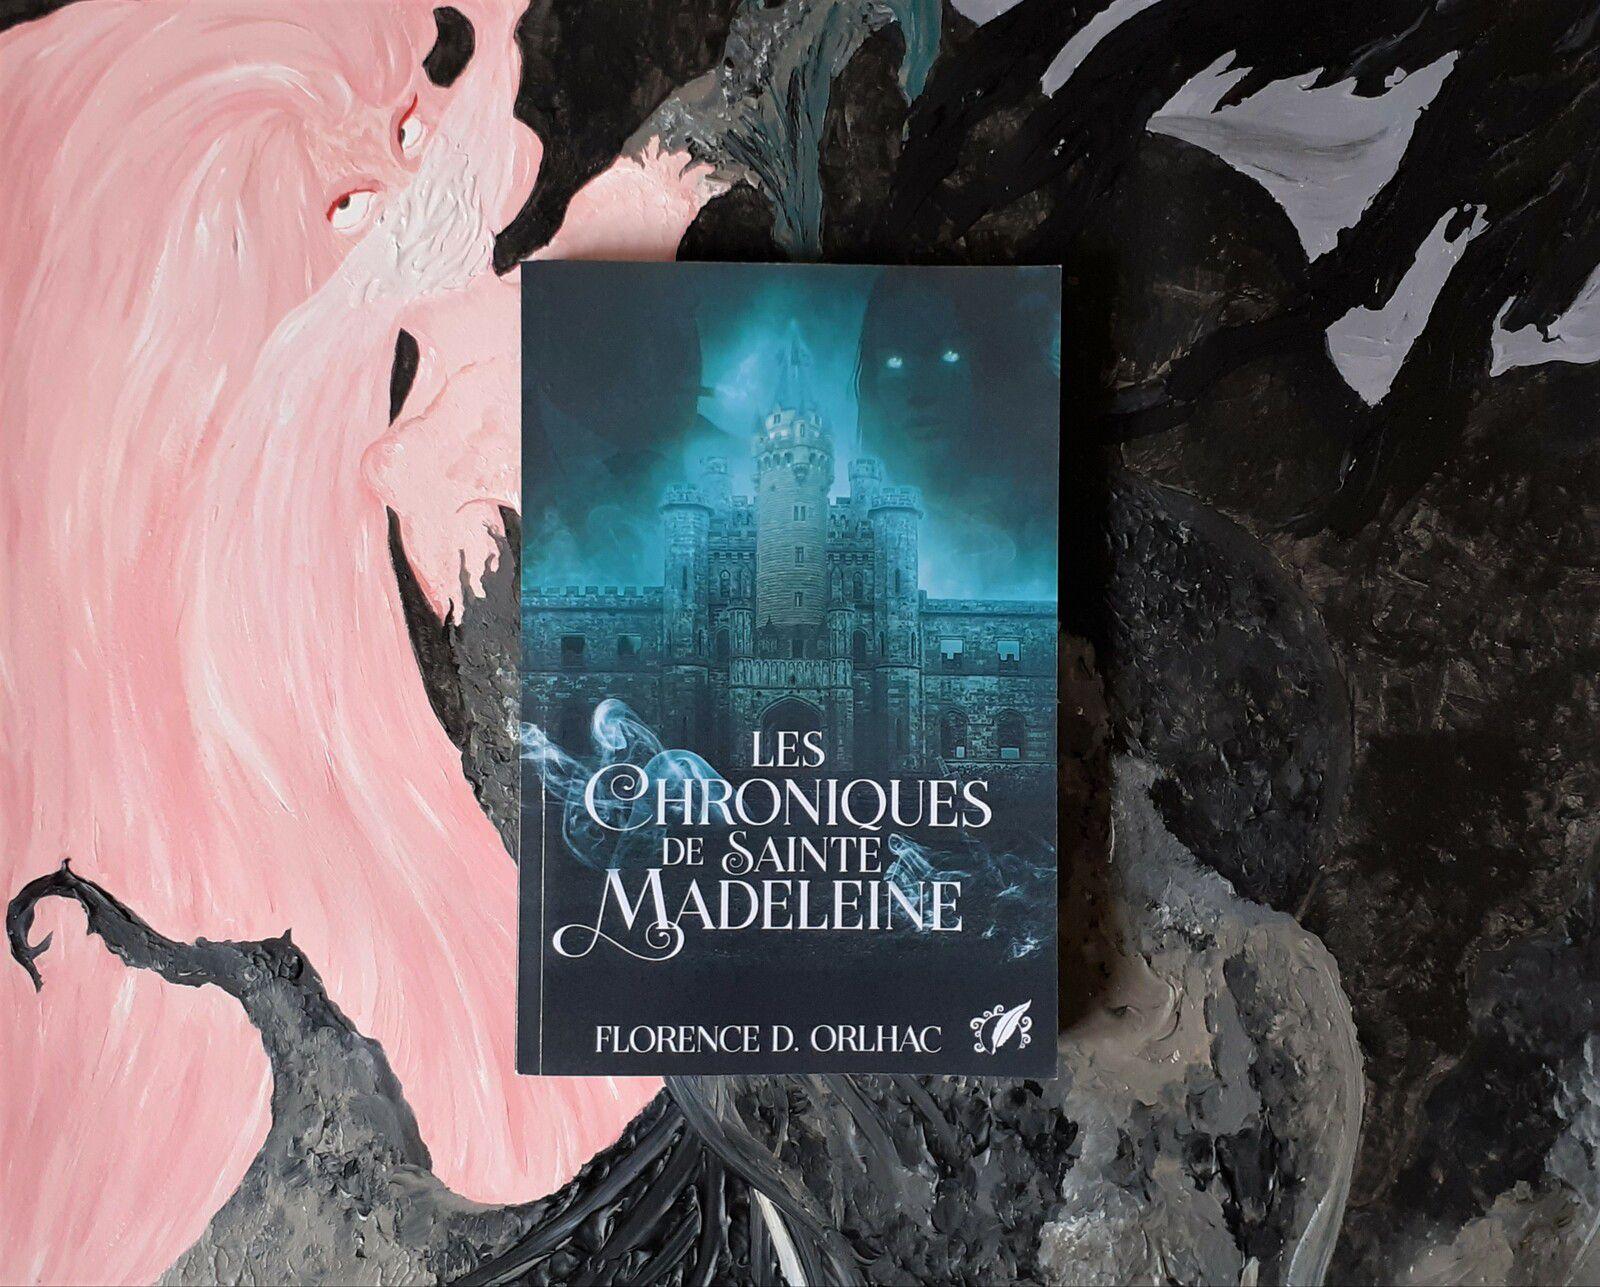 Florence D. Orlhac, Les Chroniques de Sainte Madeleine, Éditions Octoquill, mai 2021